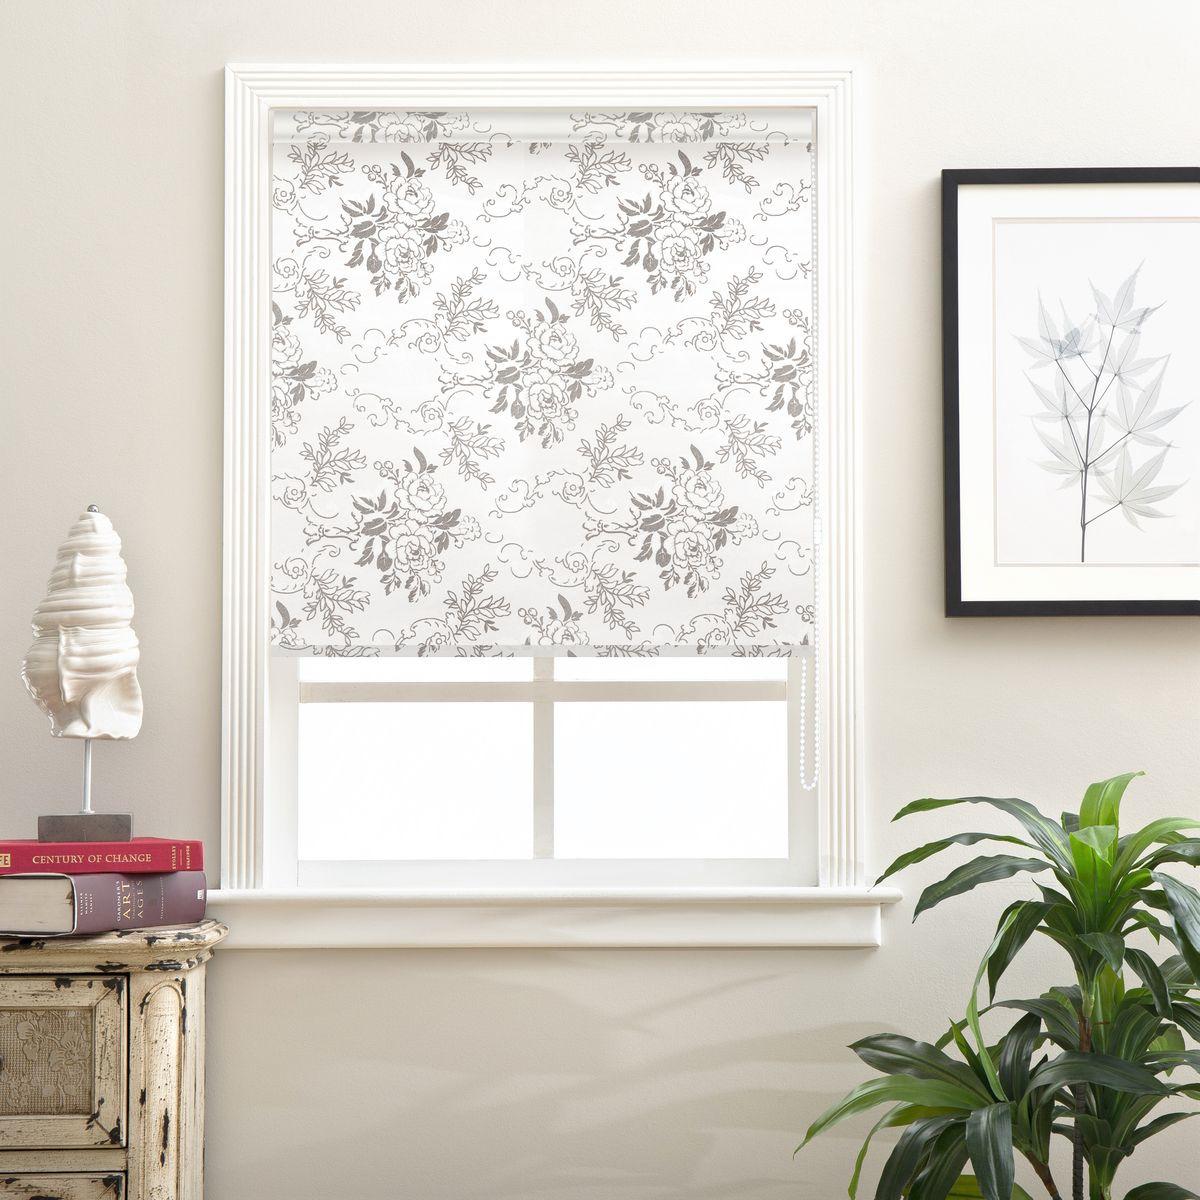 Рулонная штора Garden, 2509100/01, белый, серый, 170 х 100 см штора рулонная сити 60х175 см цвет серый